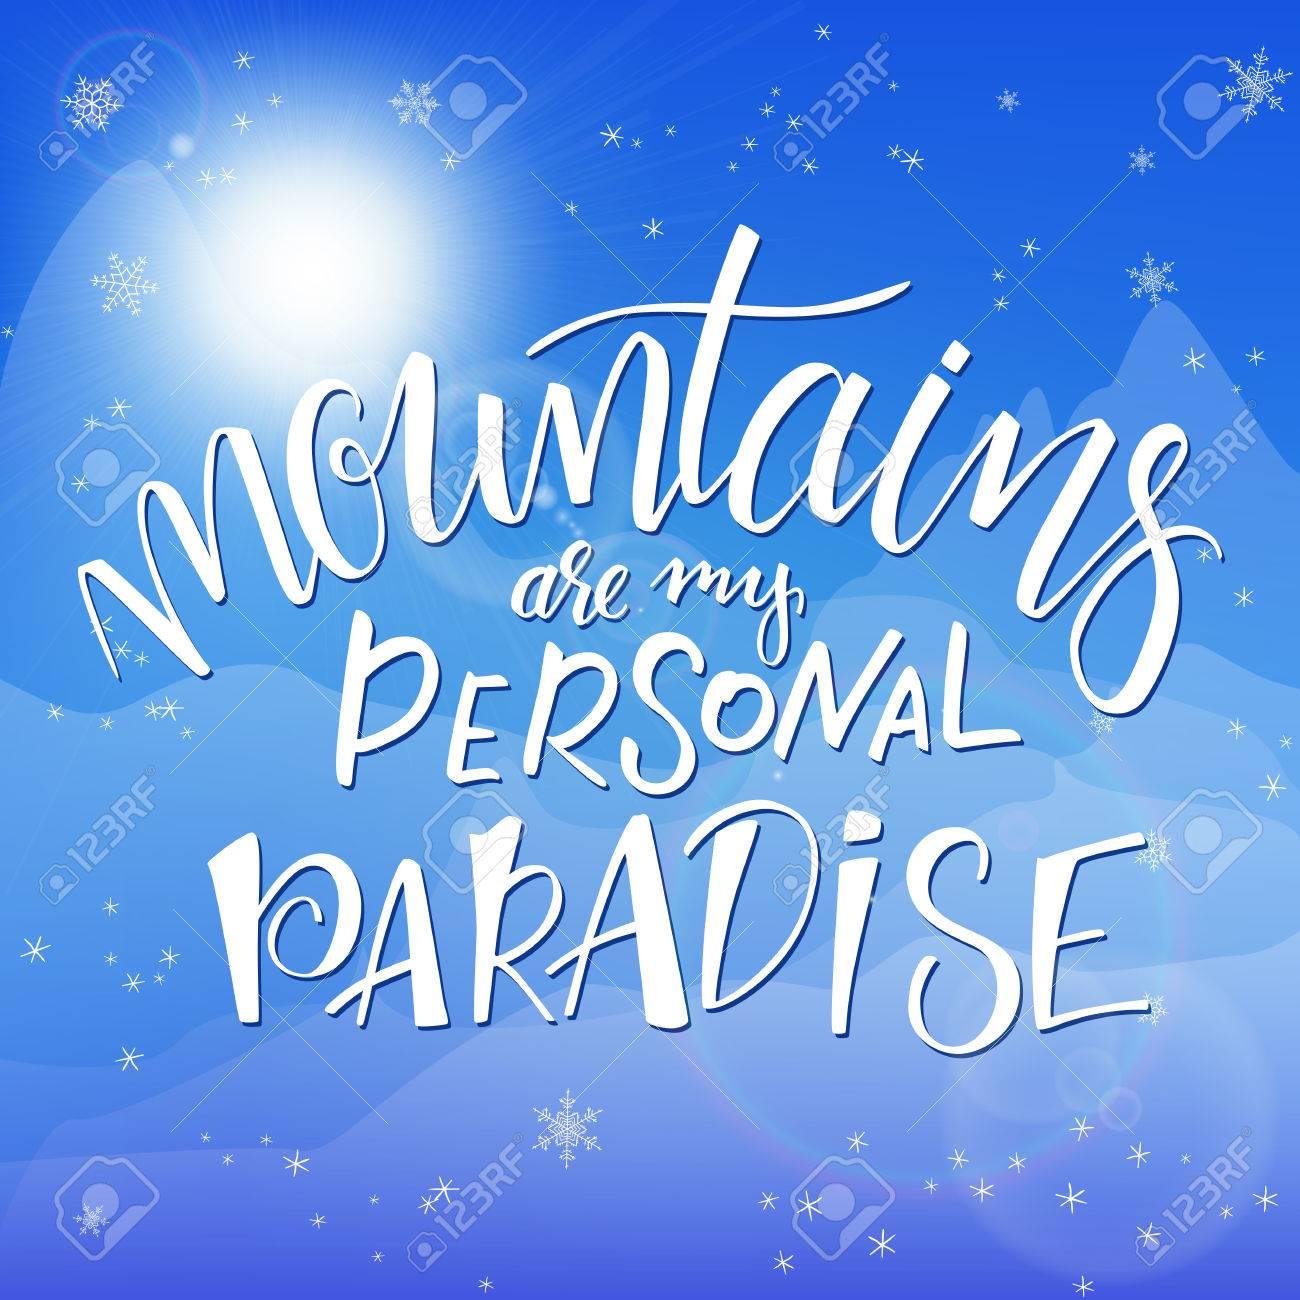 Ilustración Vectorial De La Mano De Letras Frase De Invierno Con Copos De Nieve En El Cielo Y El Fondo De La Montaña Montañas Son Mi Paraíso